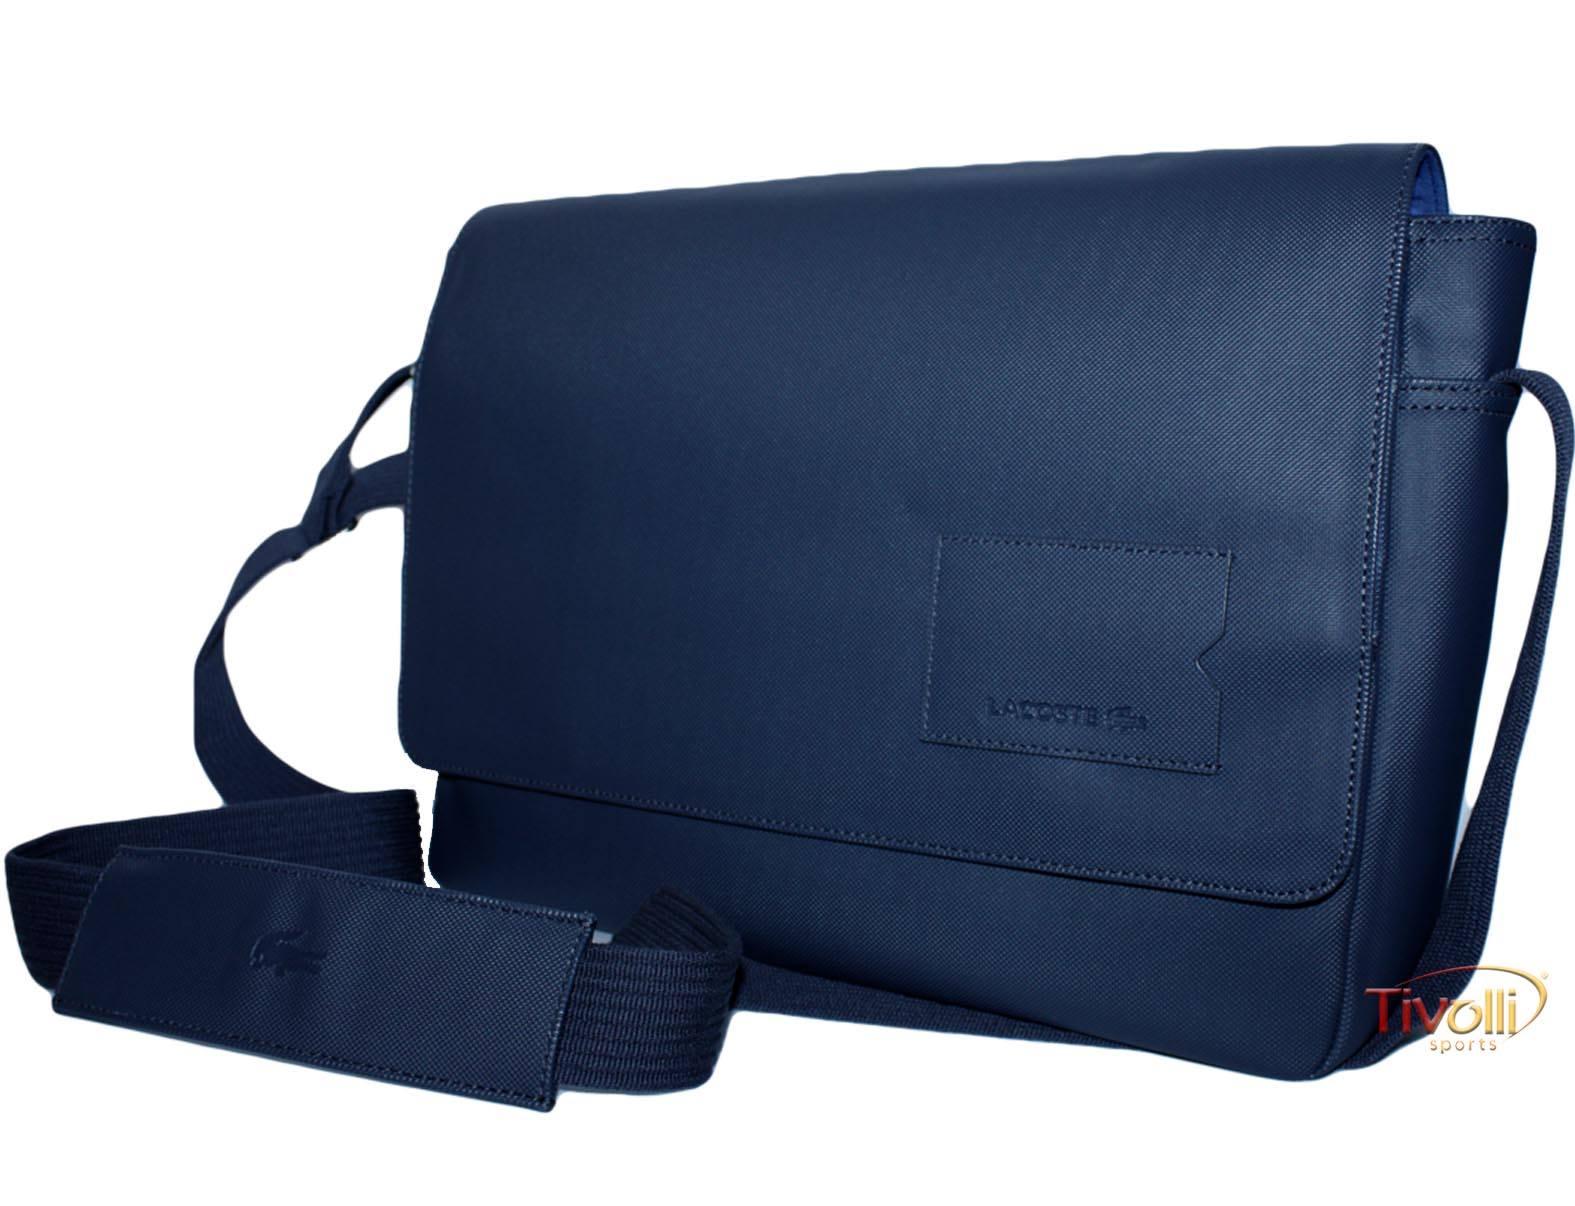 Bolsa Lacoste Messenger Bag   Azul Marinho   6be0664a2a